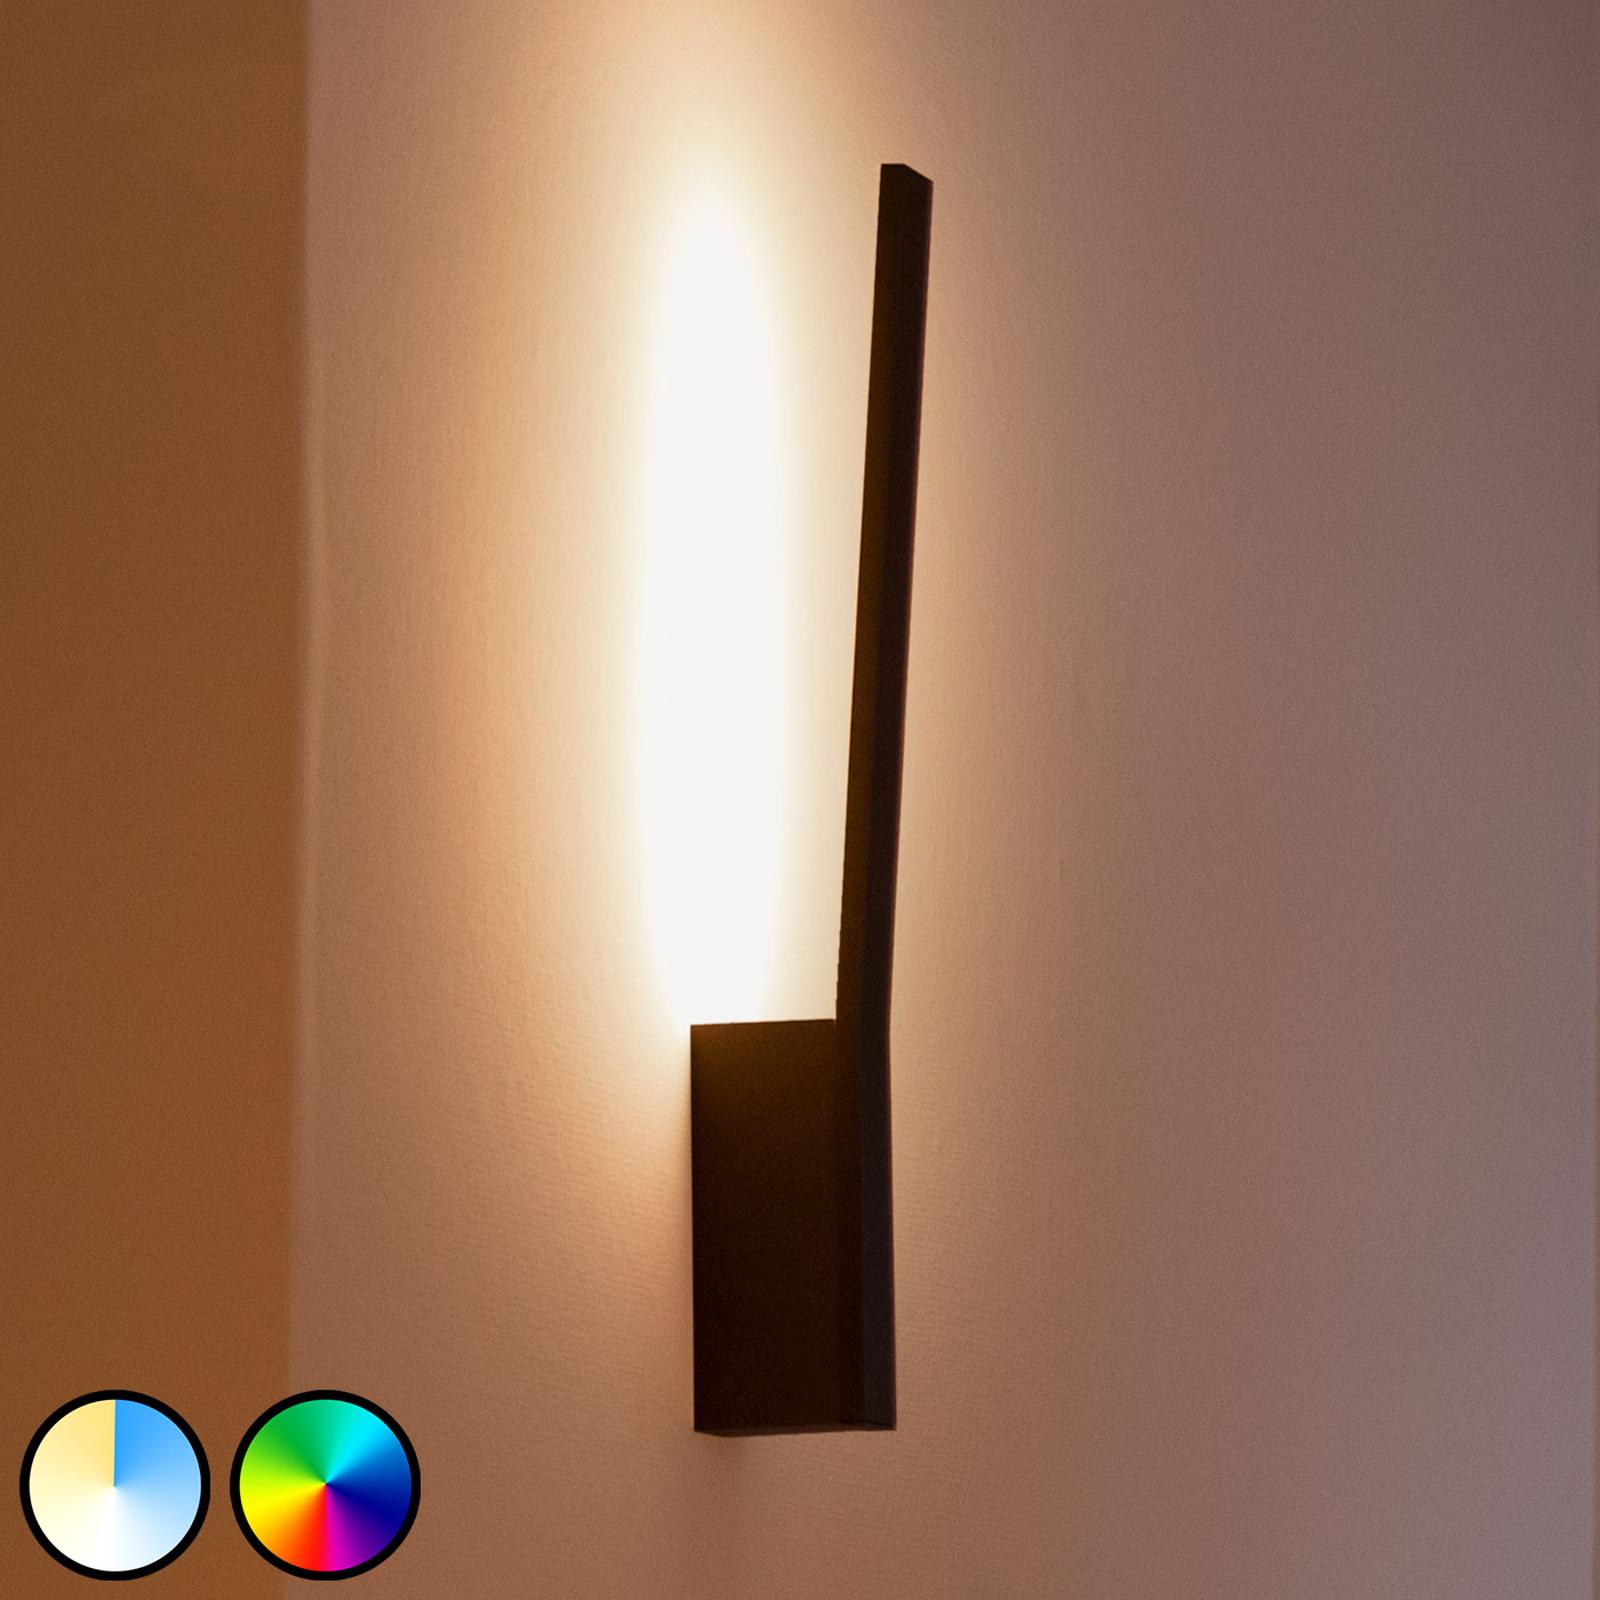 Philips Hue Liane kinkiet, RGBW, czarny